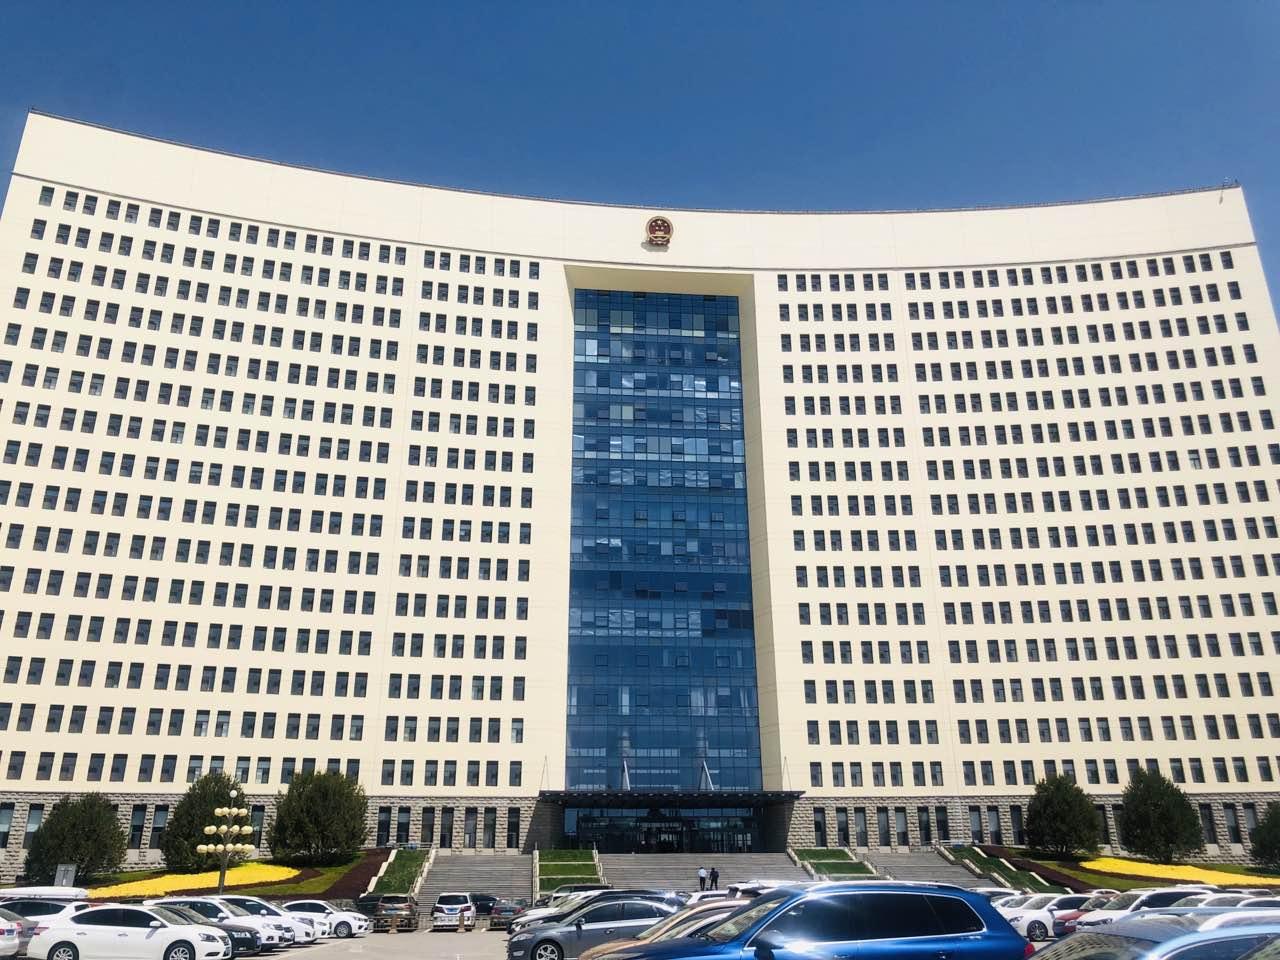 2020-2022年内蒙古自治区一体化在线政务服务能力三年评估